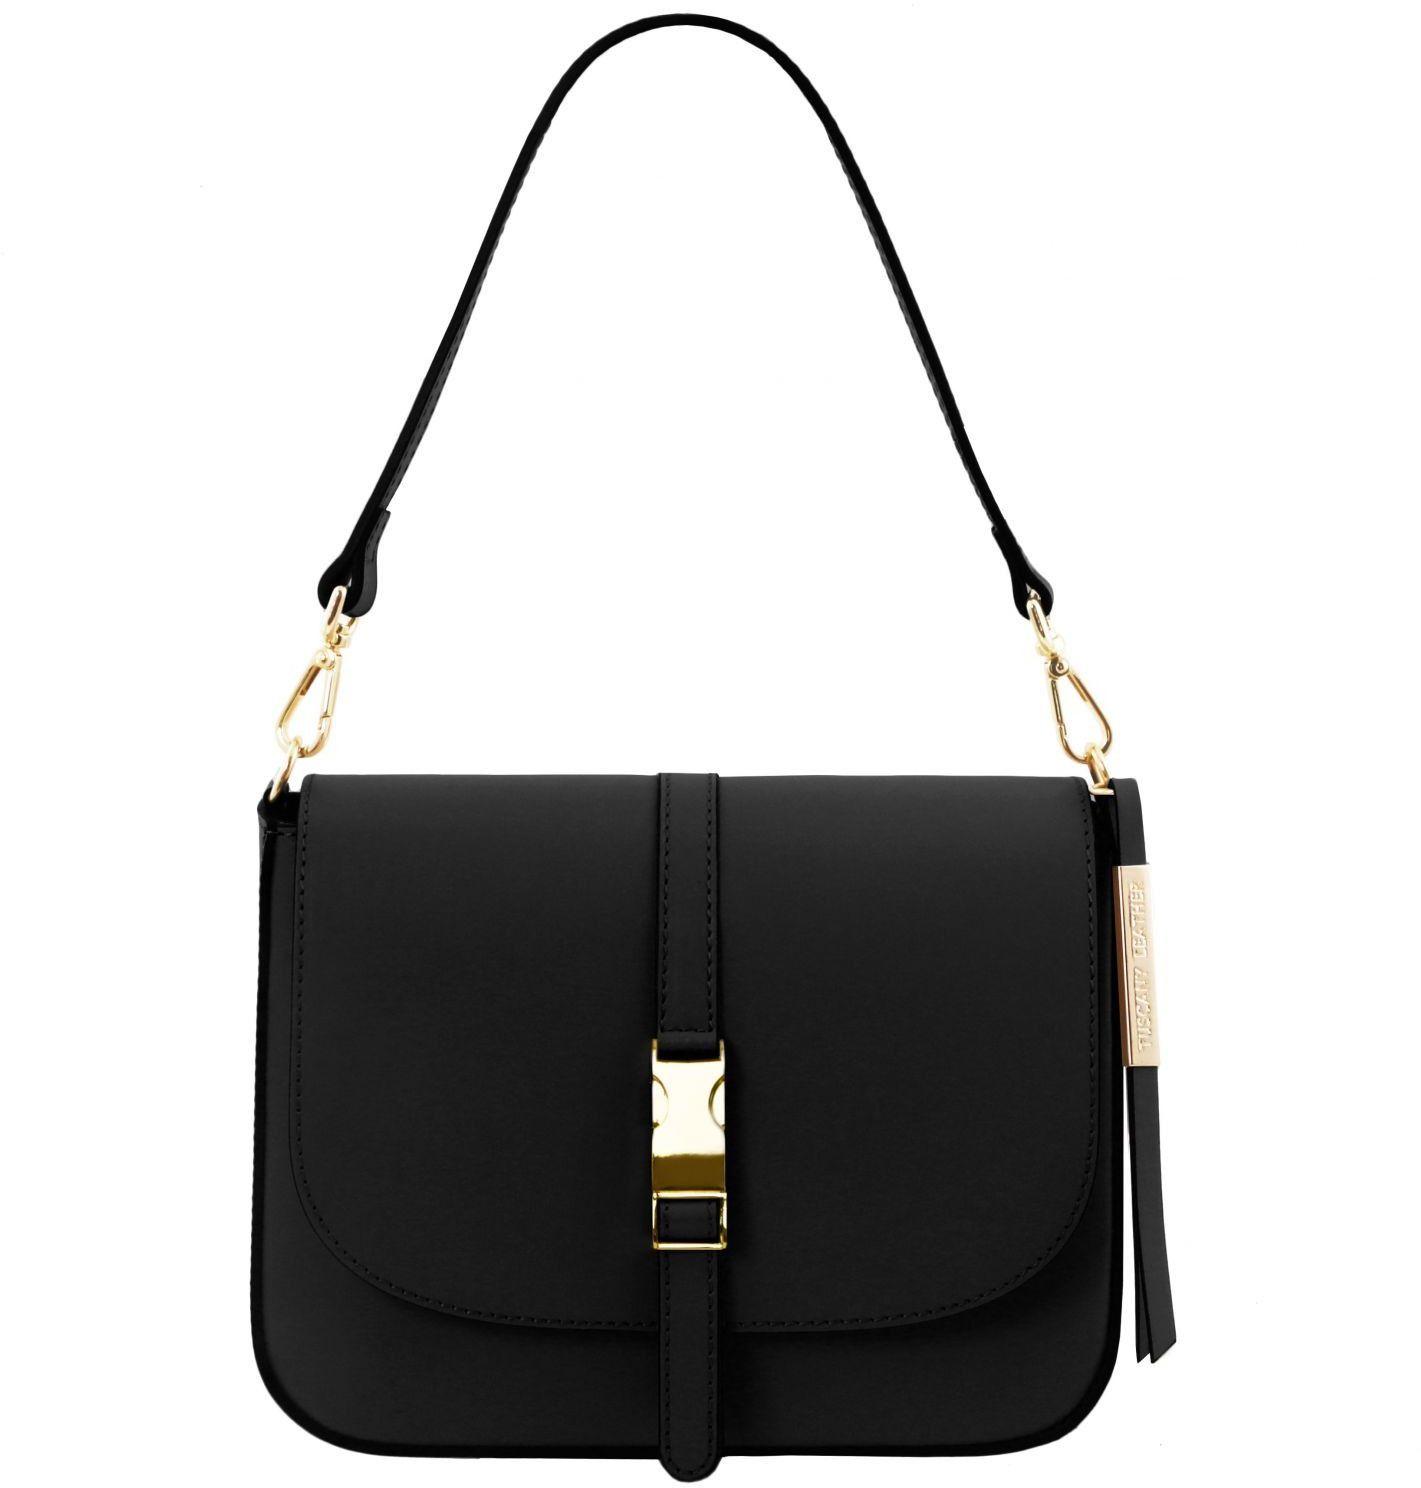 Γυναικεία τσάντα ώμου δερμάτινη Nausica Μαύρο Tuscany Leather γυναίκα   τσάντες ώμου   χειρός